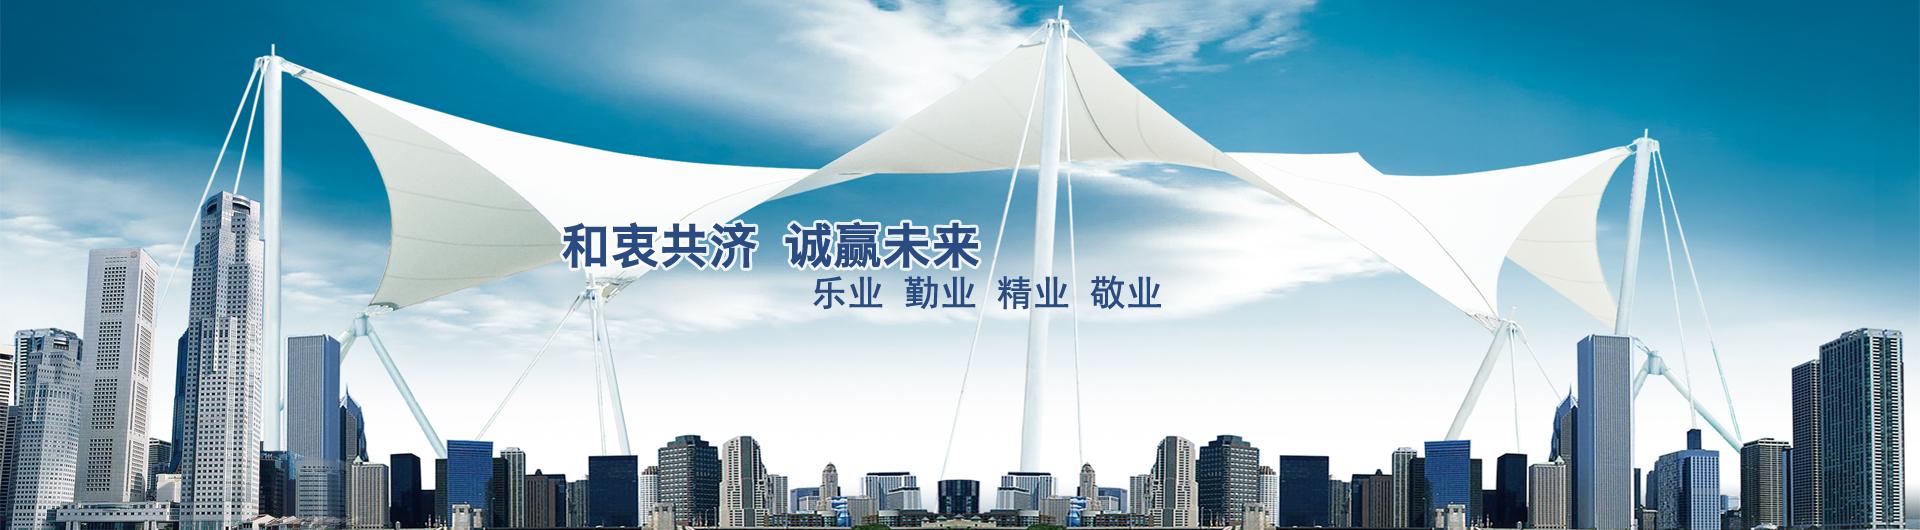 贵州建筑工程